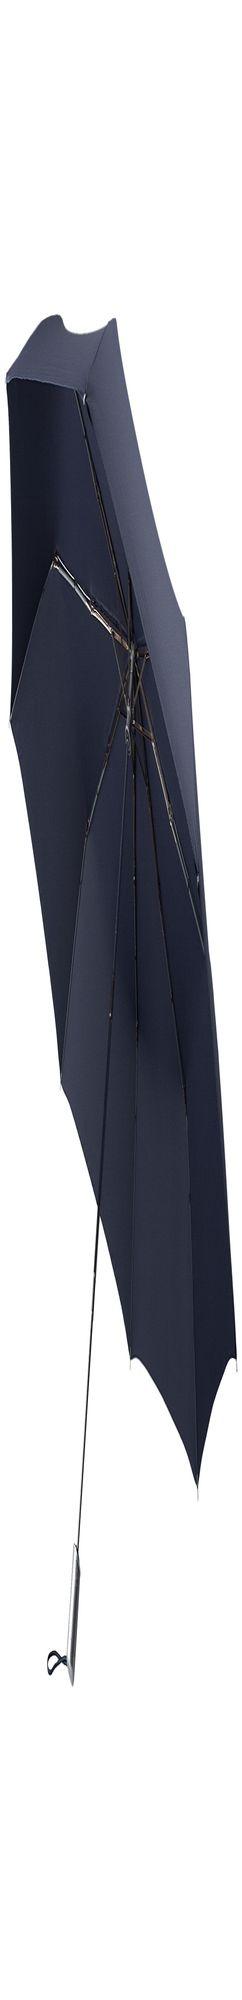 Складной зонт Alu Drop Golf, 3 сложения, автомат, синий фото